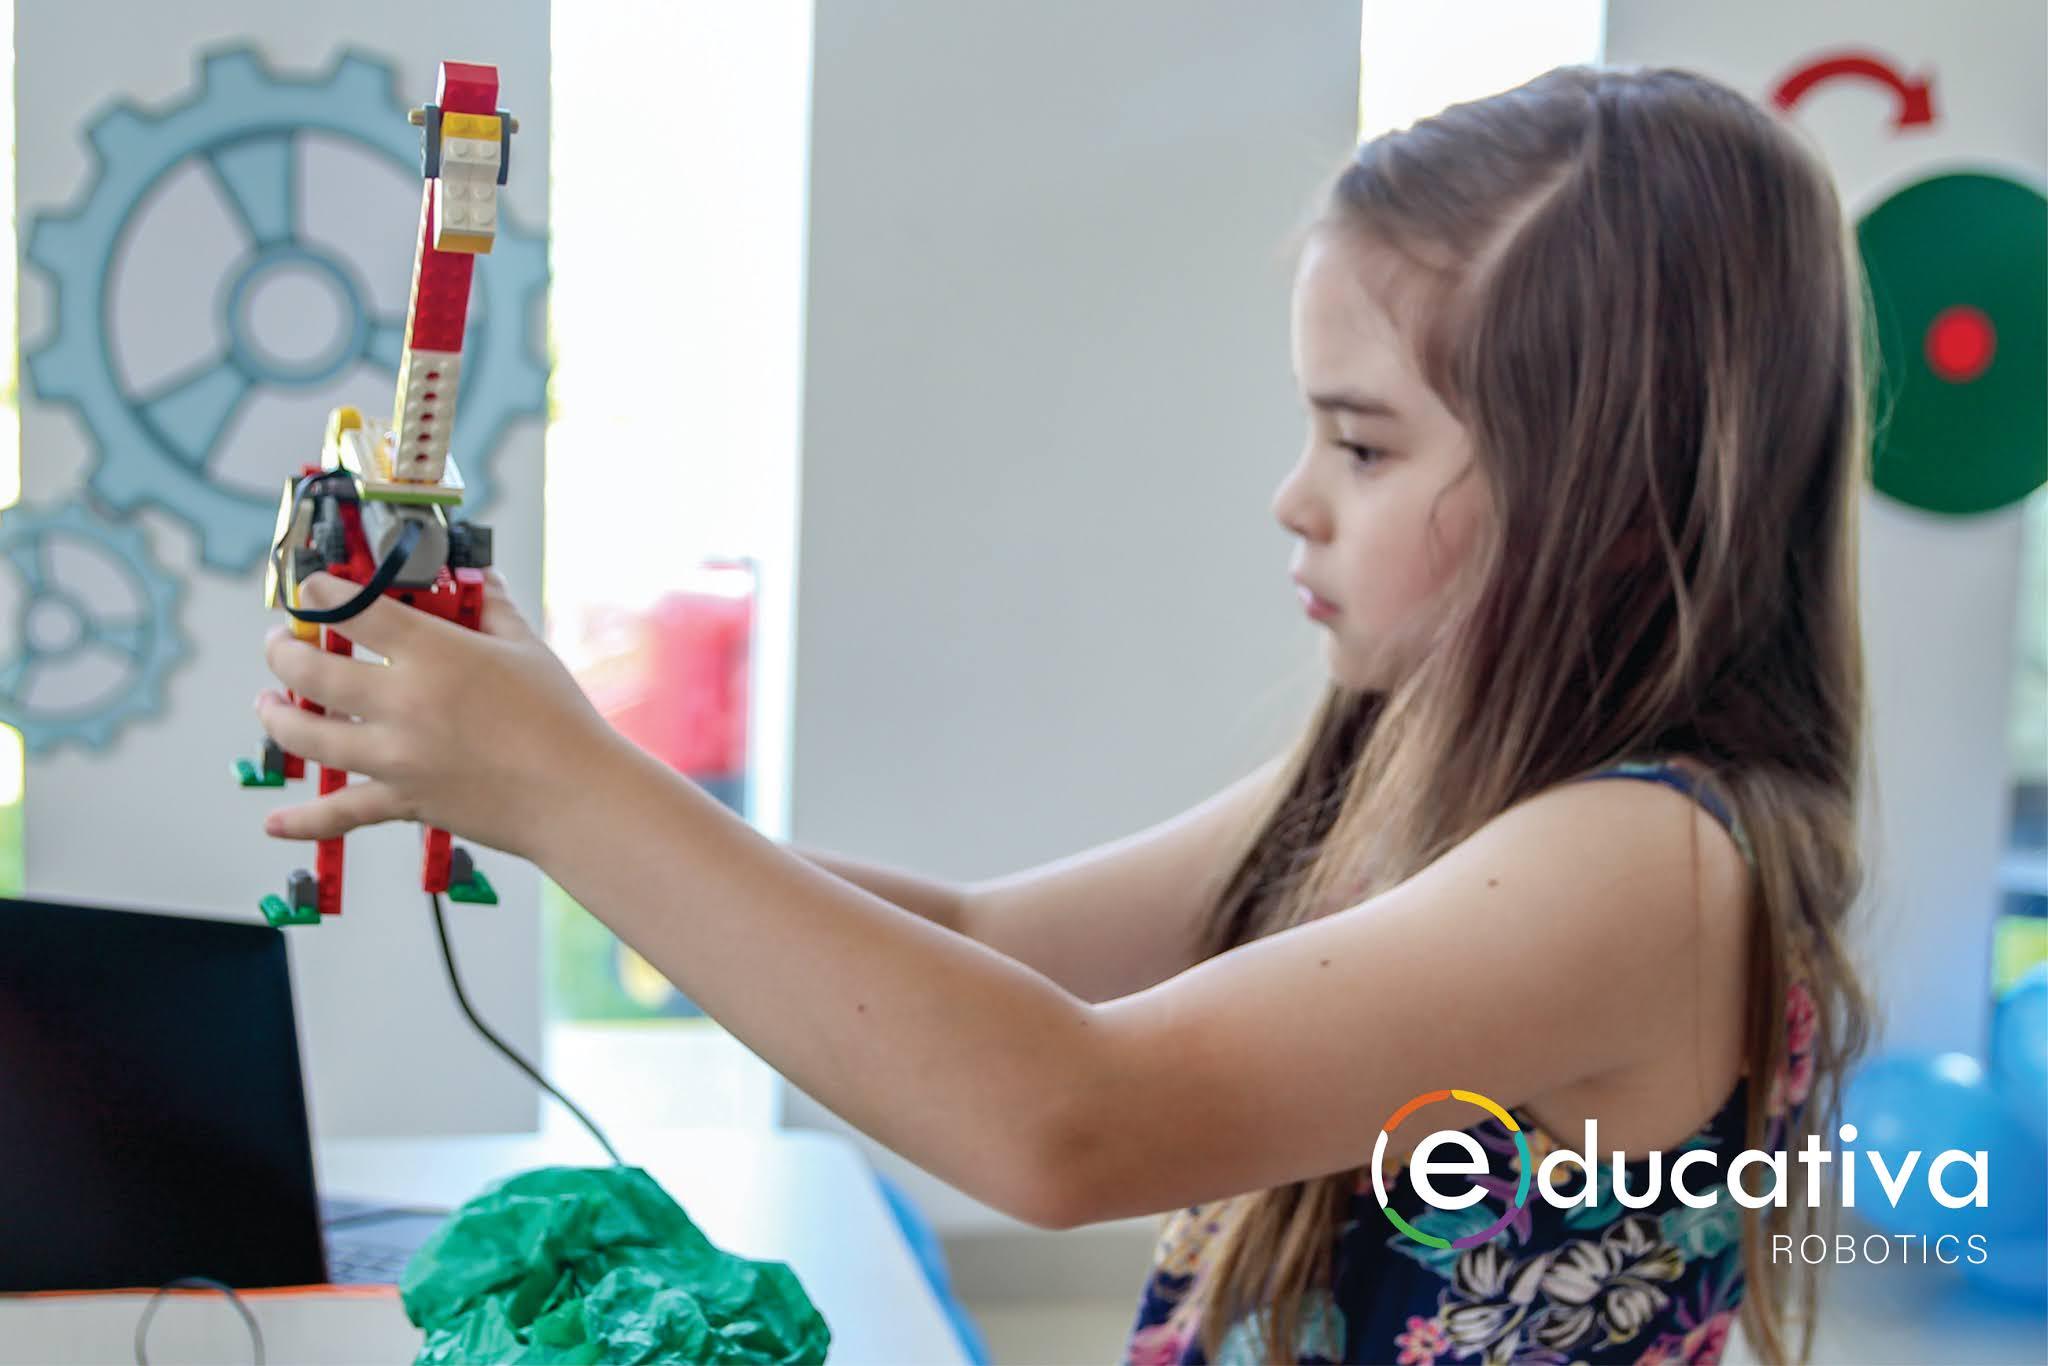 importancia-robotica-educacion-educativa-robotics-lego-duplo-arduino-ninos-ninas-adolescentes-jovenes-cursos-clases-talleres-arequipa-peru